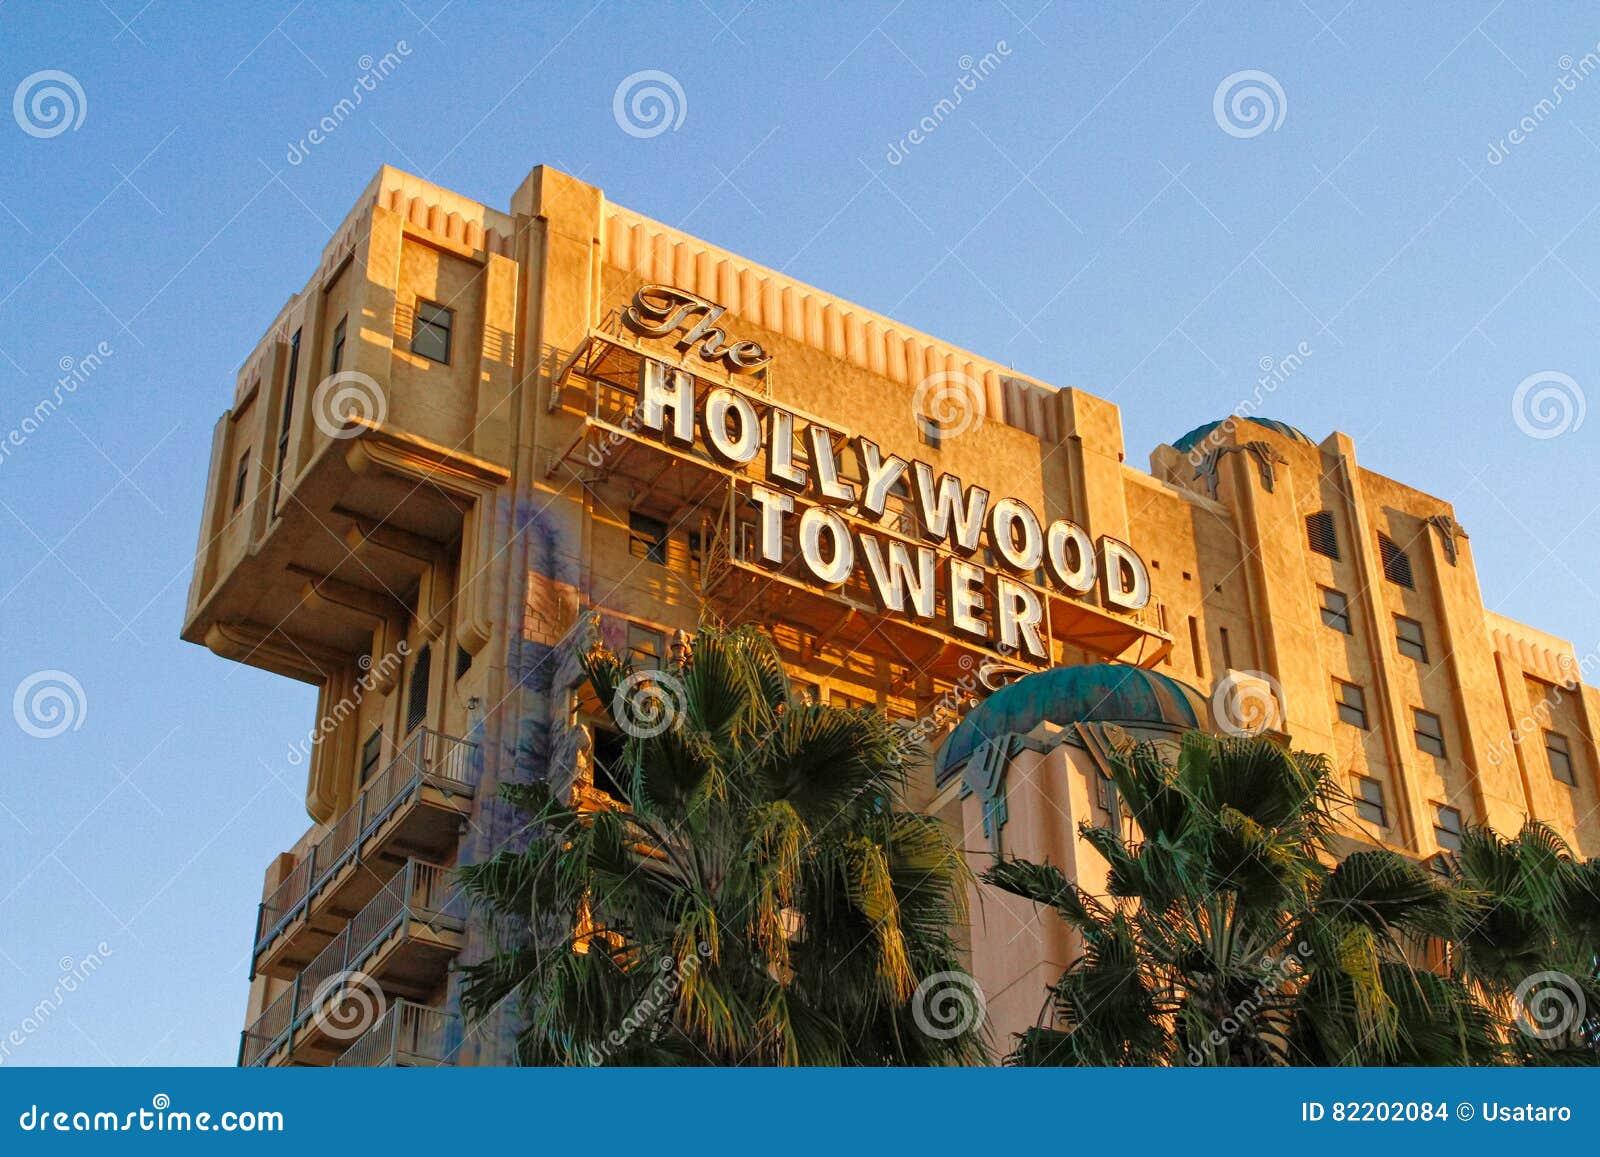 La torre dei bassofondi dell hotel i della torre di Hollywood di terrore